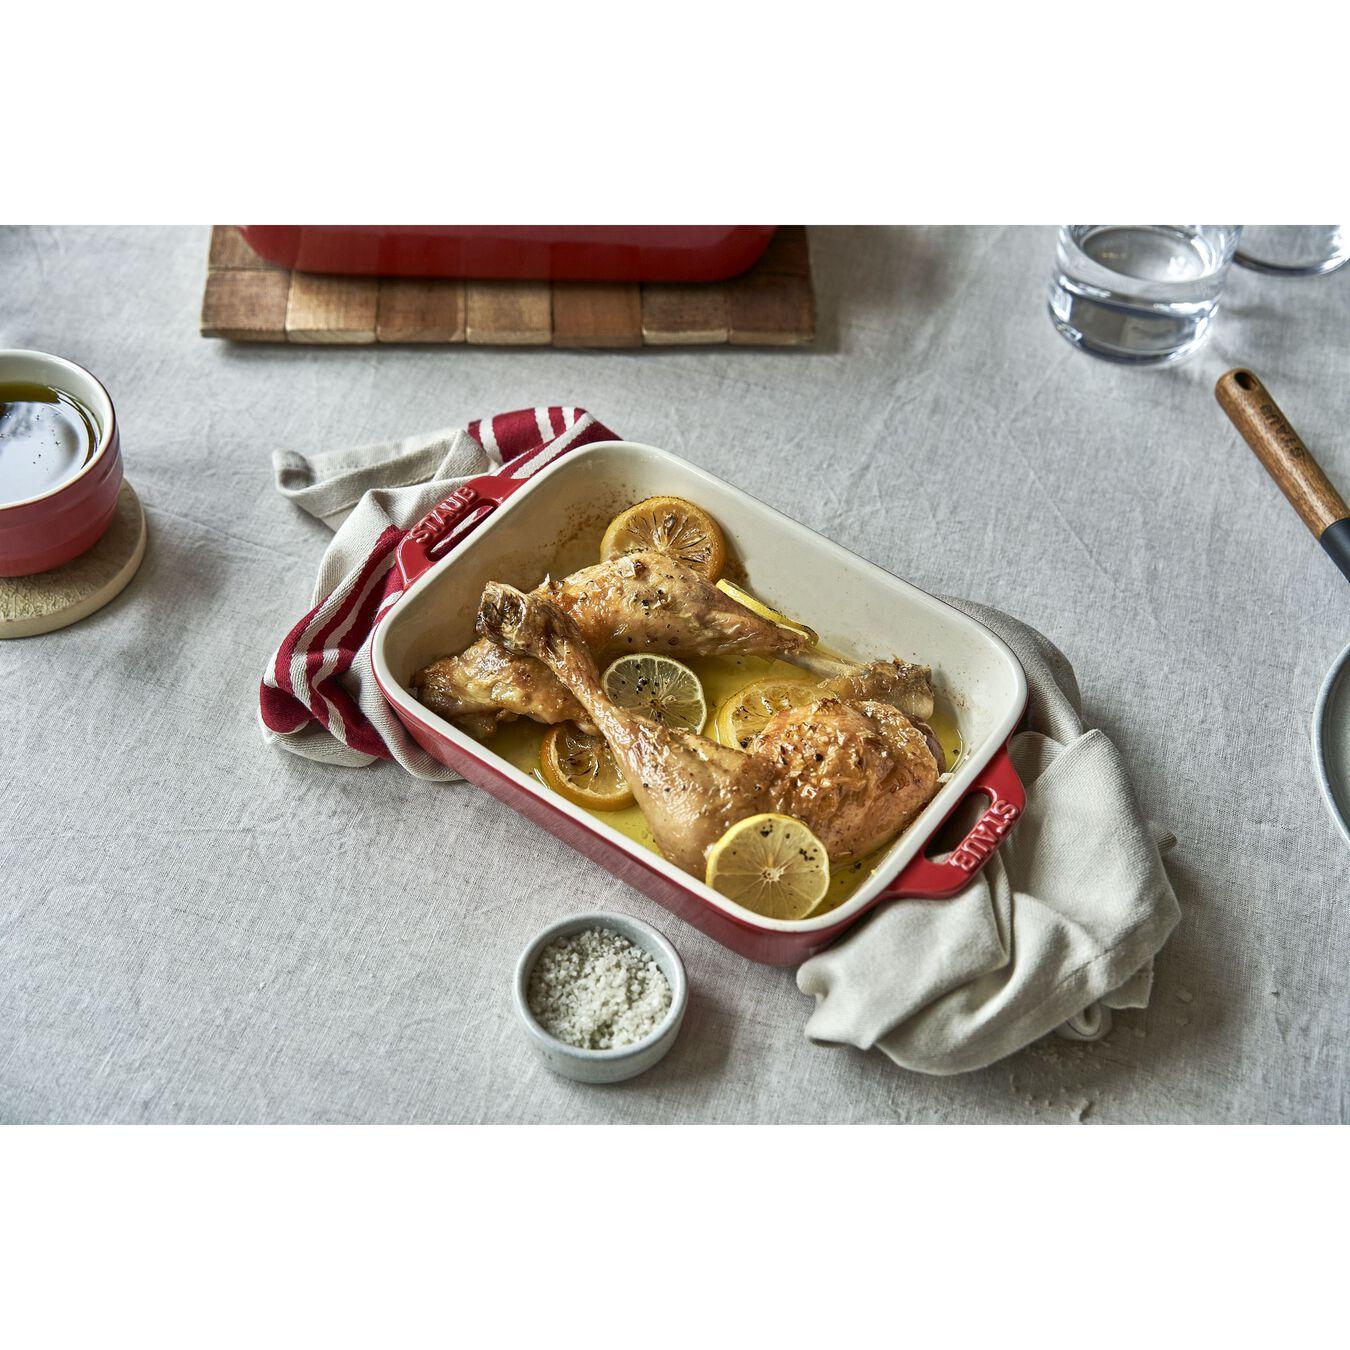 2-pc Rectangular Baking Dish Set - Cherry,,large 7